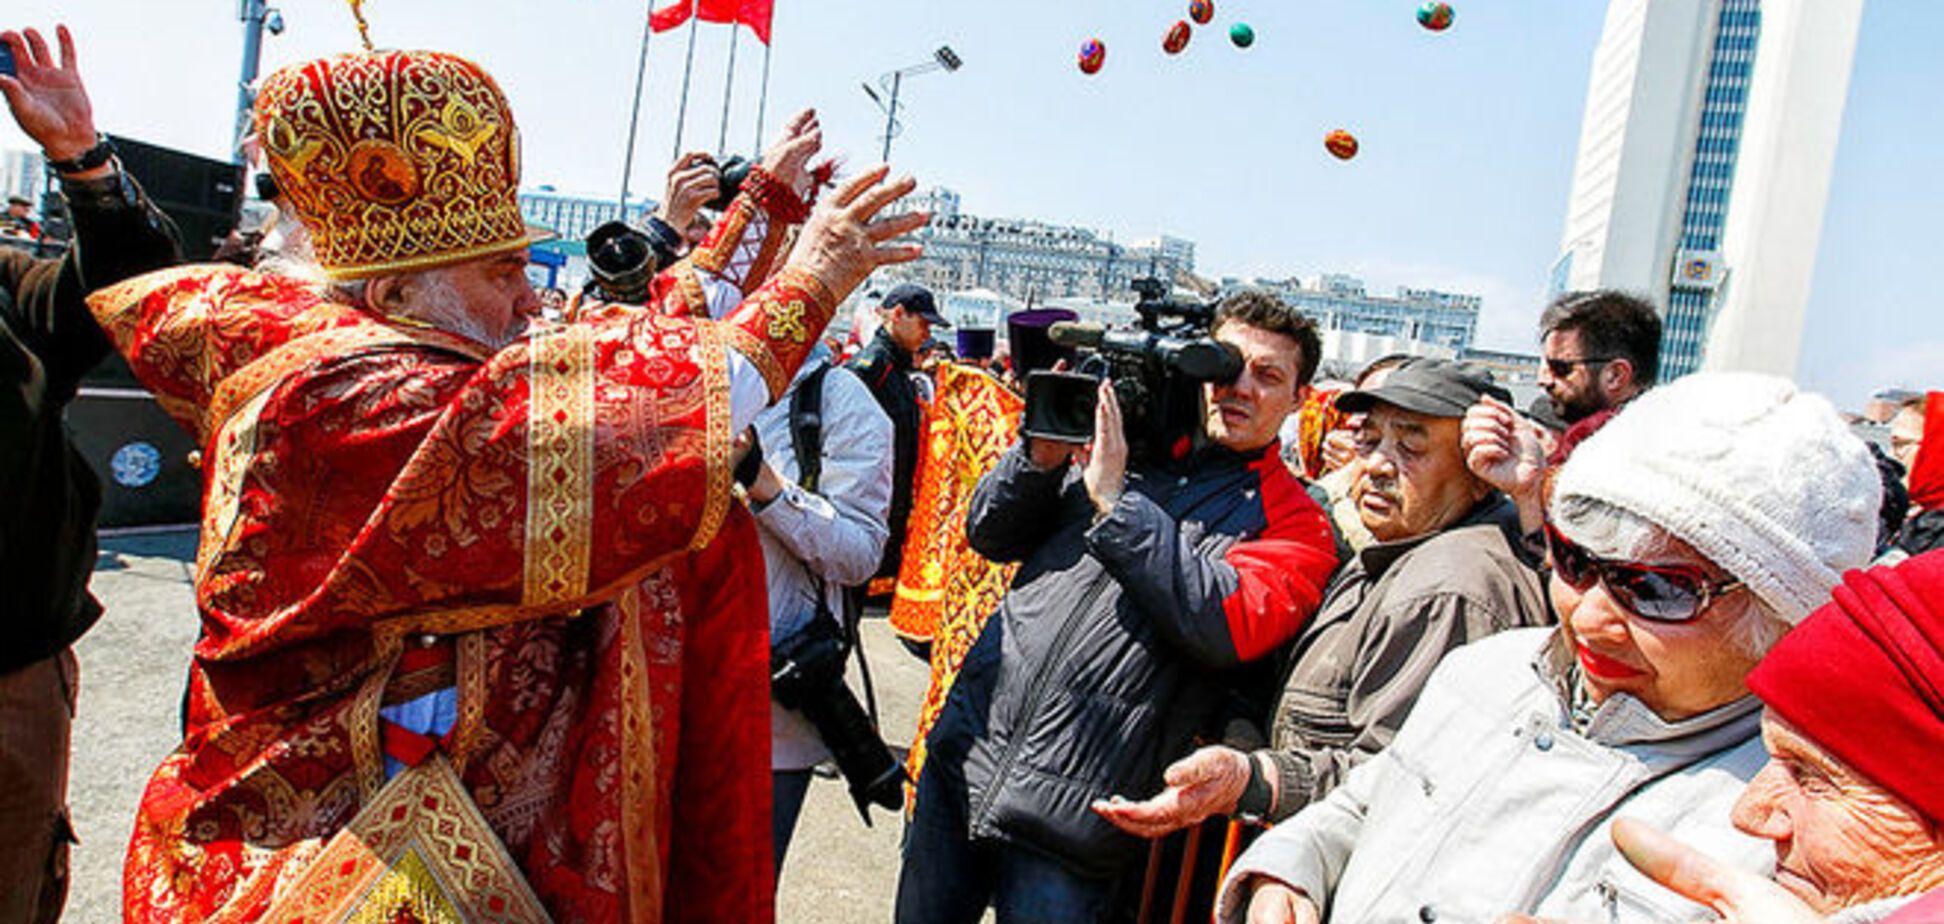 Лопаты отдыхают! В России митрополит во время молебна бросал яйца в толпу. Фотофакт